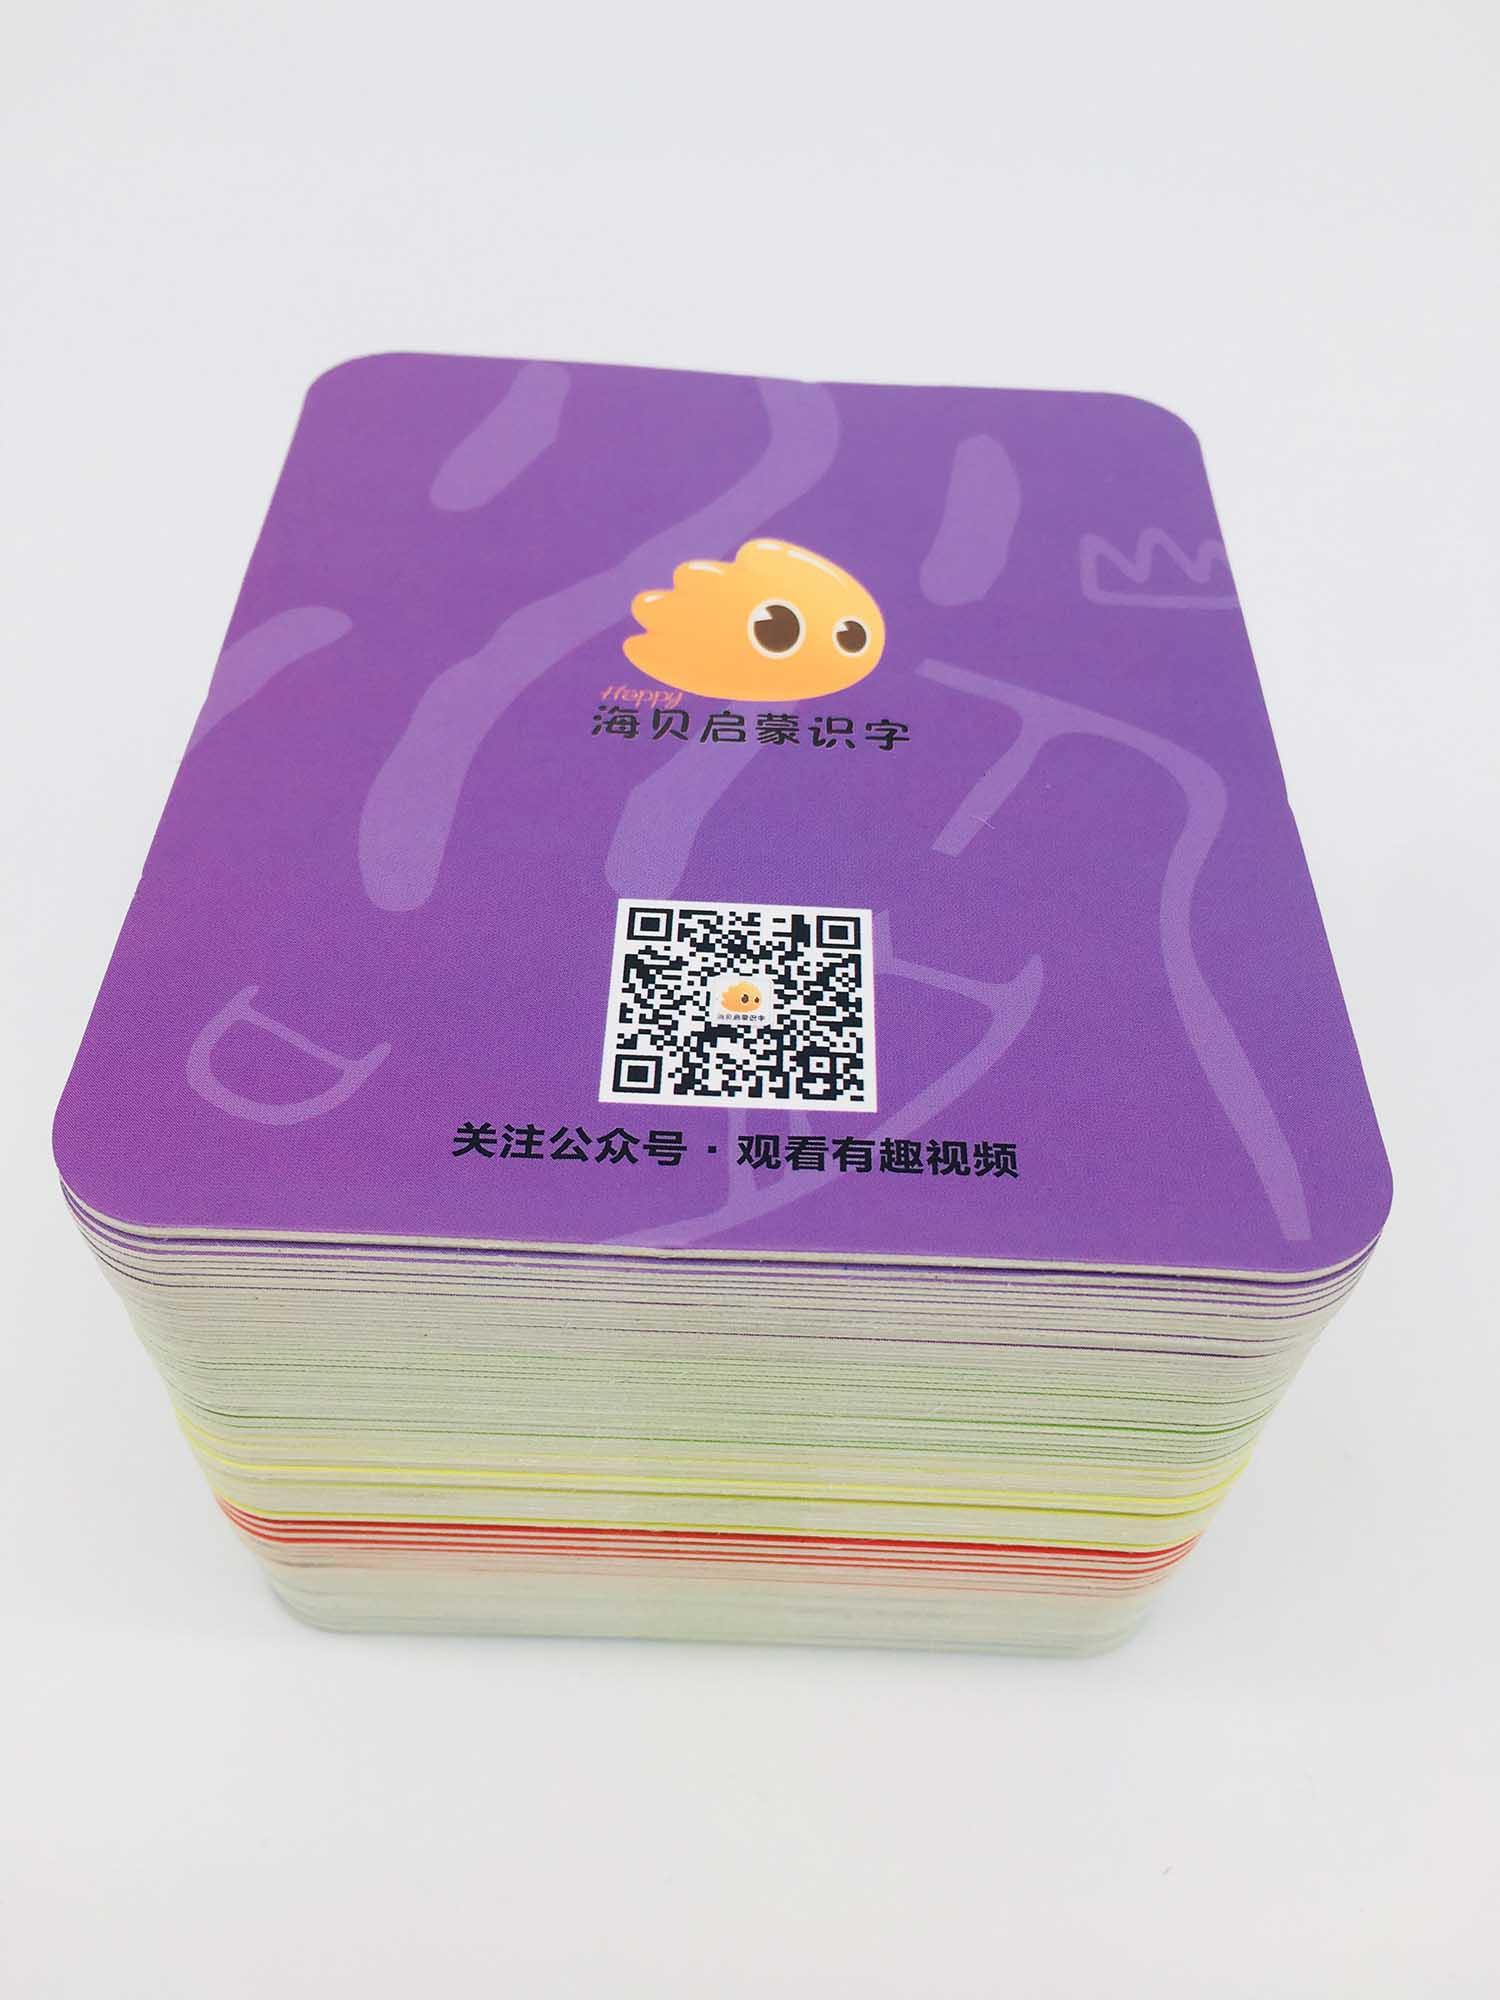 仙居印刷厂画册样本宣传册定制